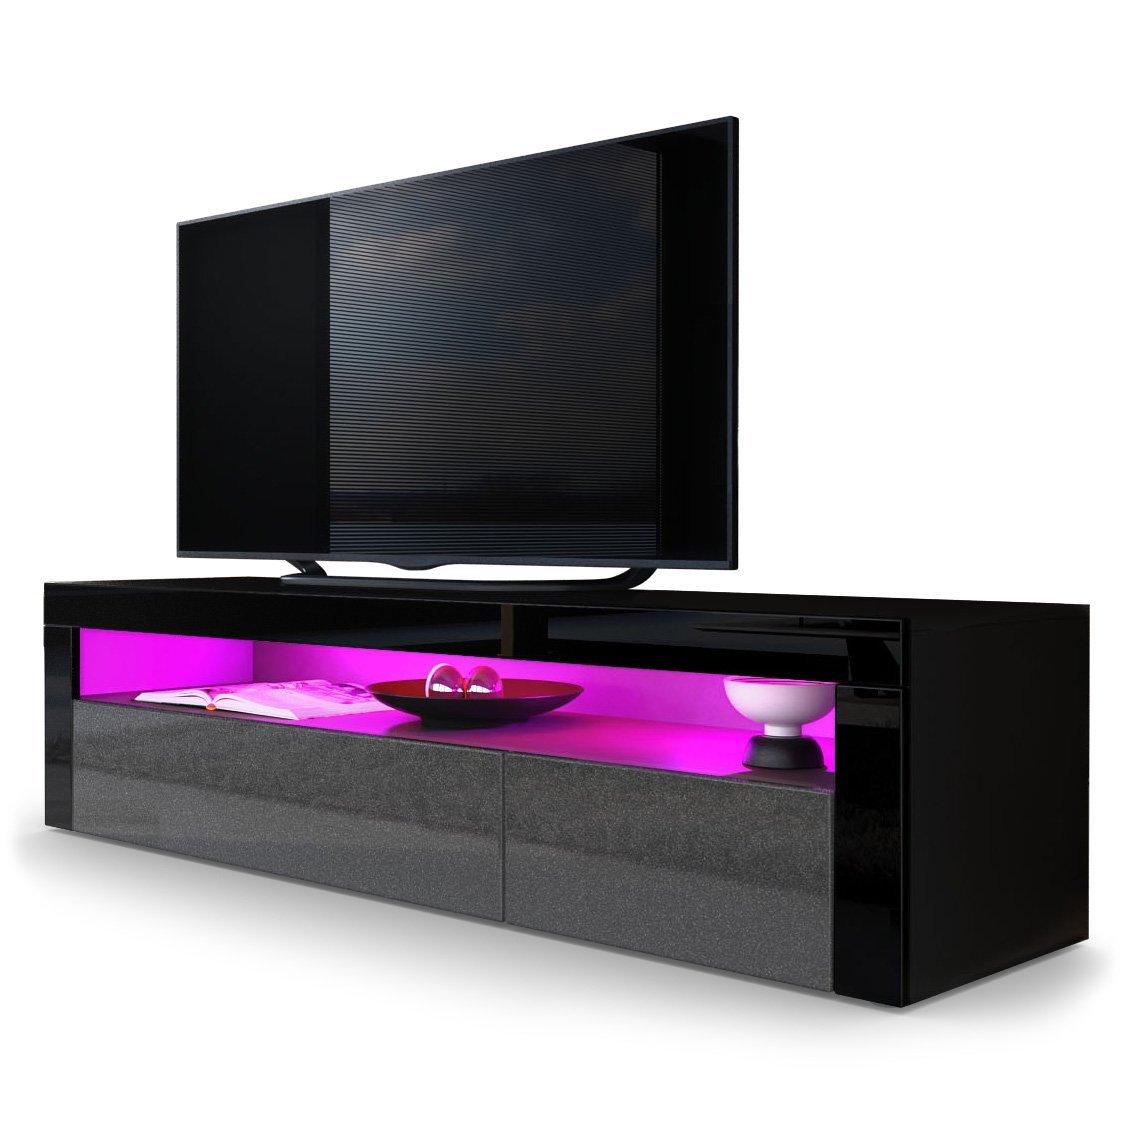 heimkino tv mobel lowboard selber bauen anleitung amazing tv mobel selber bauen